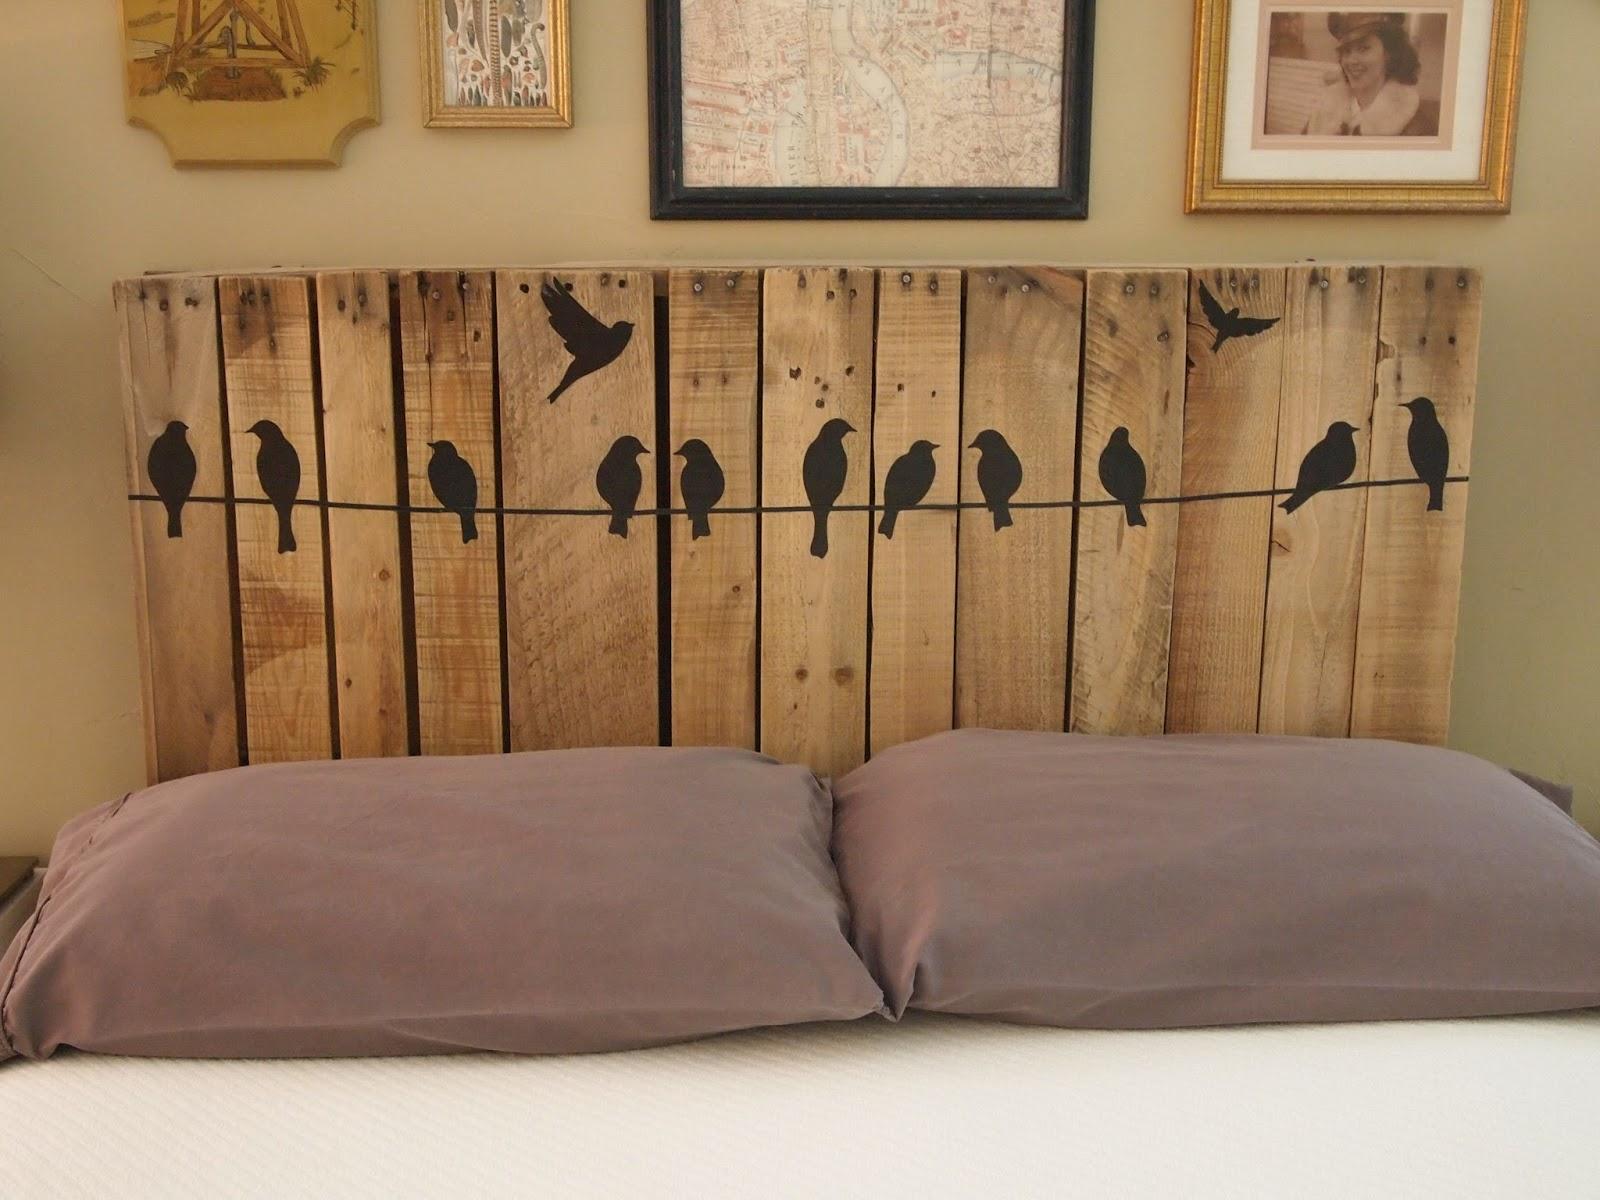 Деревянное изголовье кровати с птичками